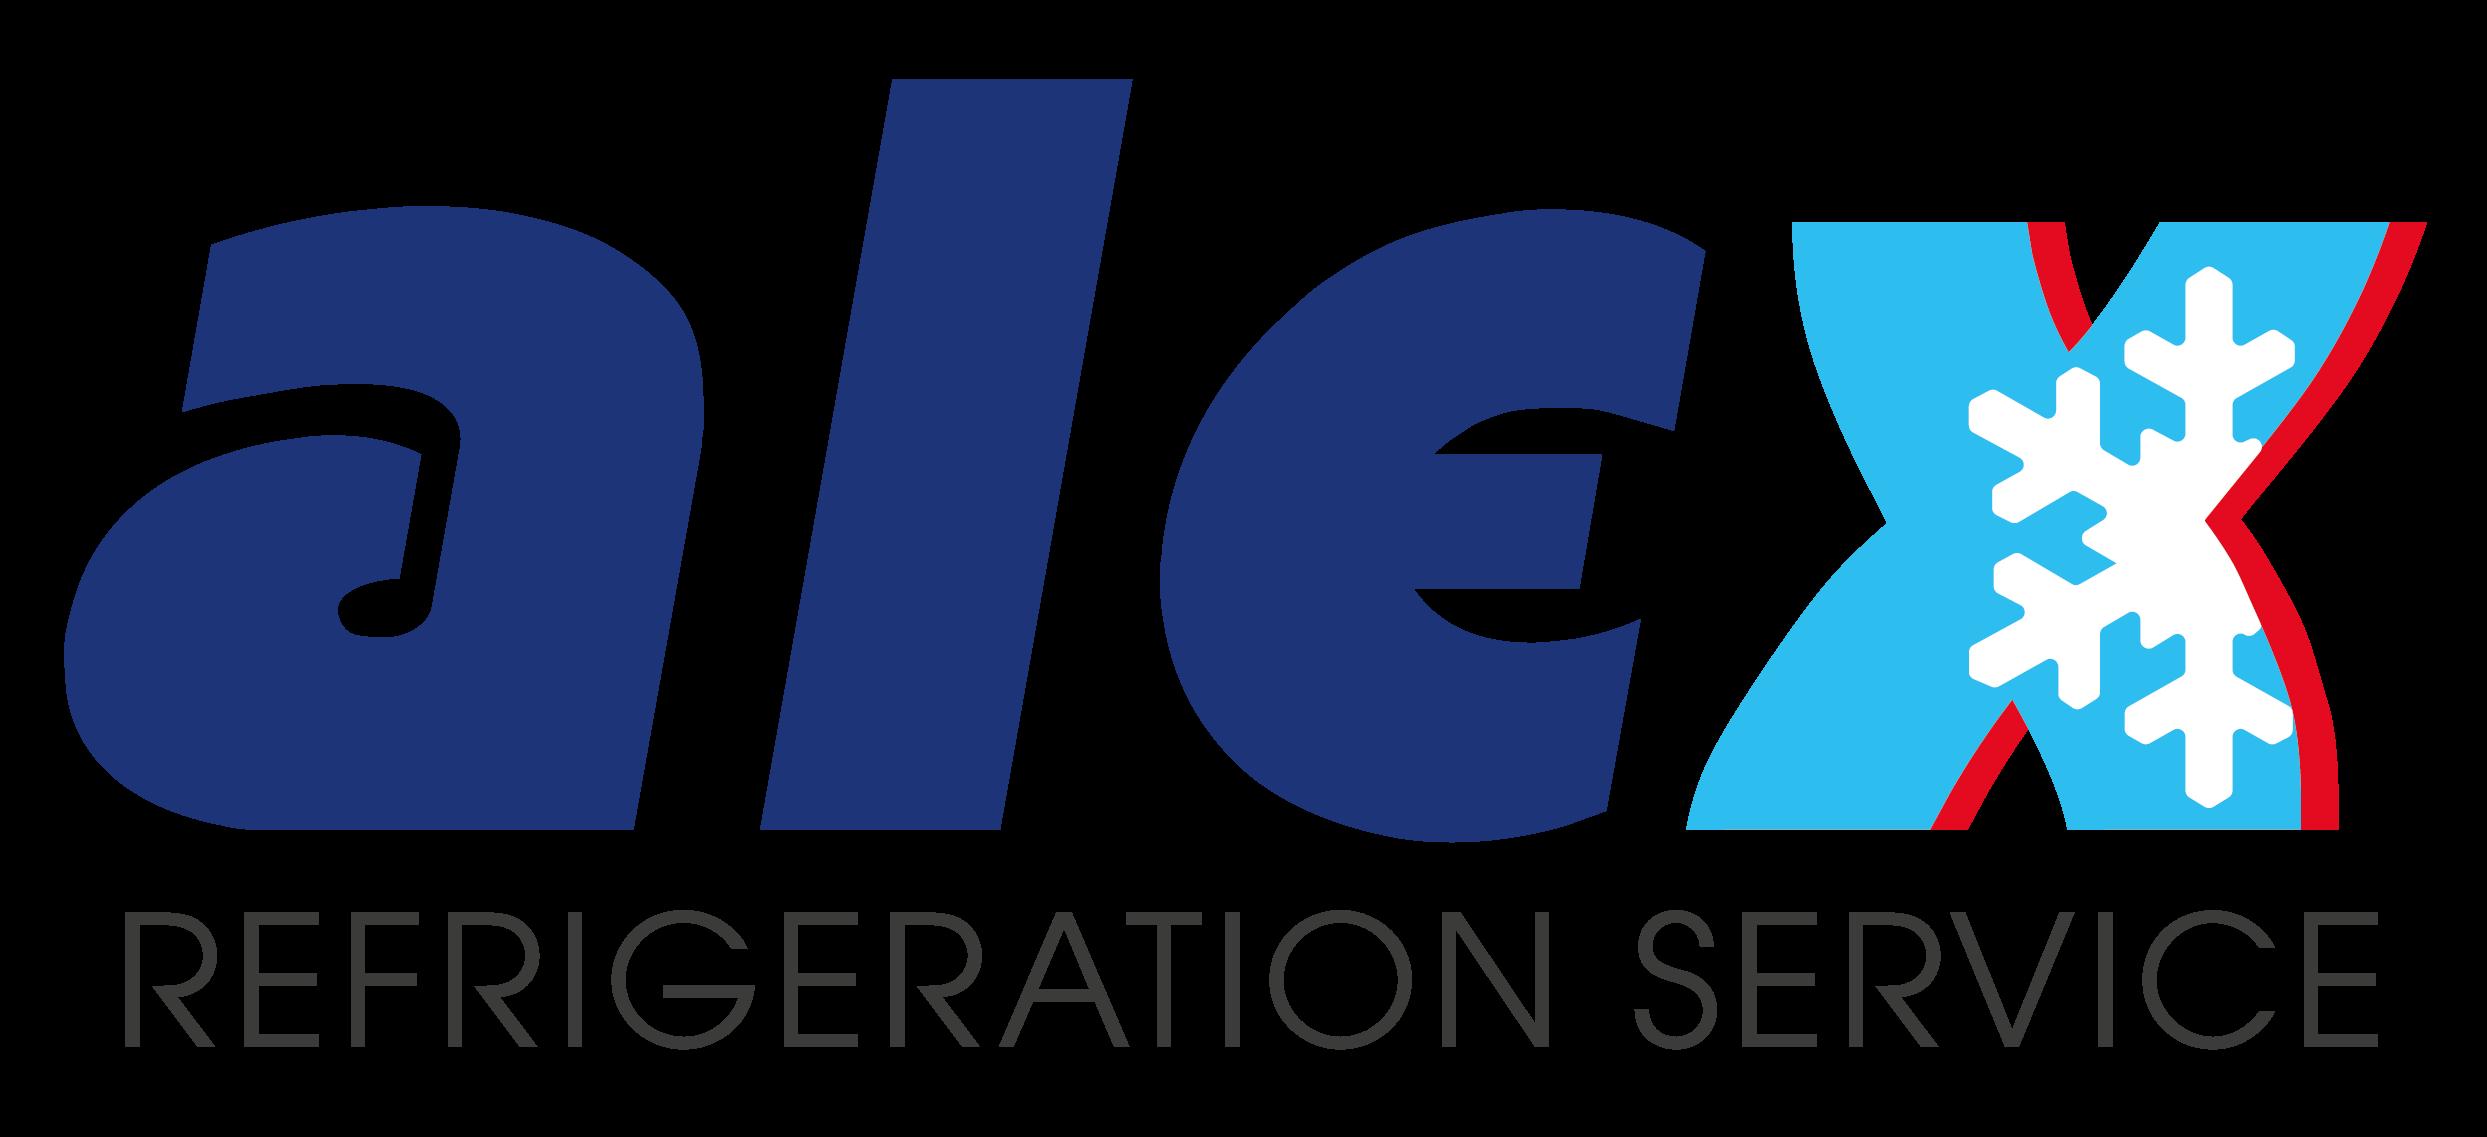 Alex Refrigeration Service – Martinelli Alexander